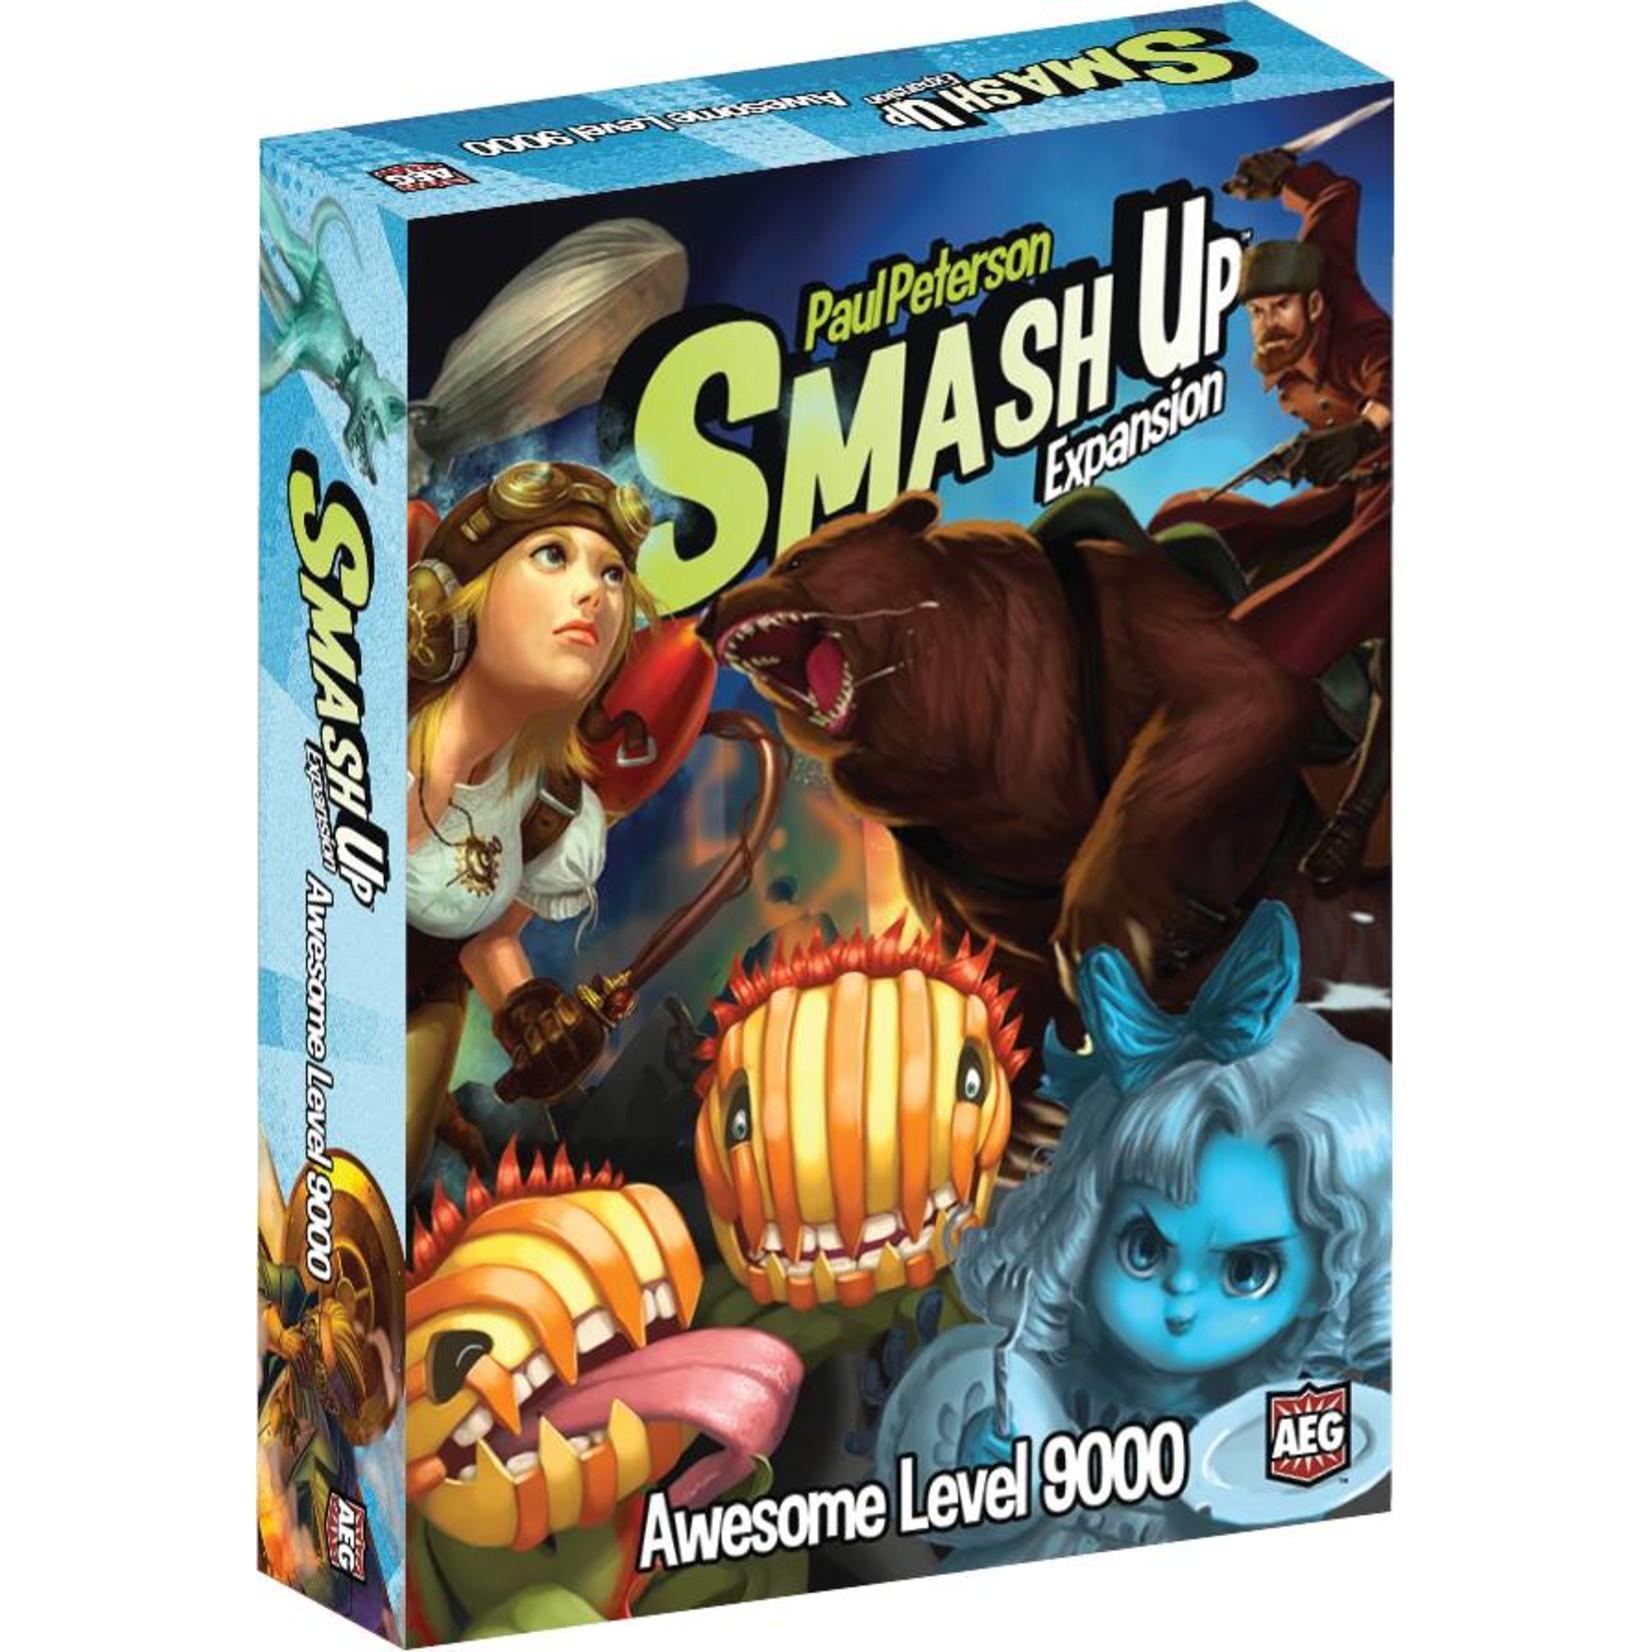 AEG Smash Up Awesome Level 9000